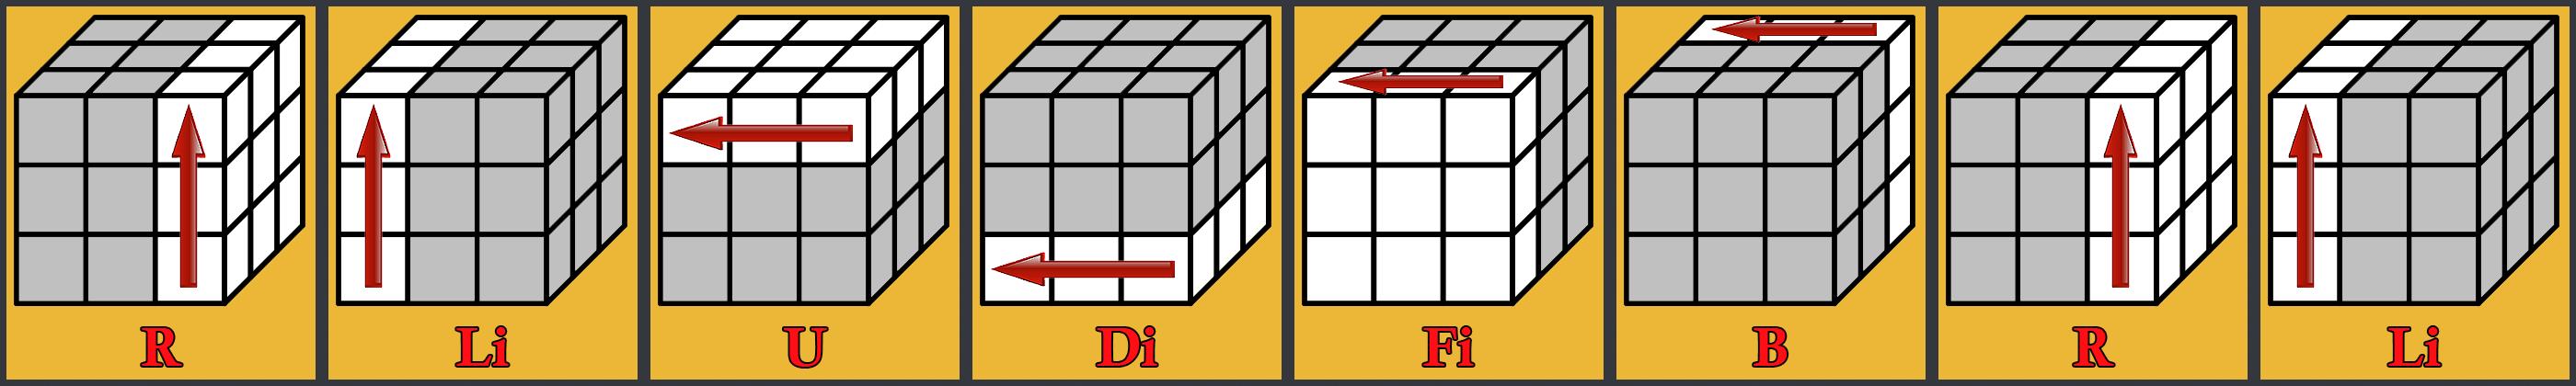 Квадратче в средата - Формула